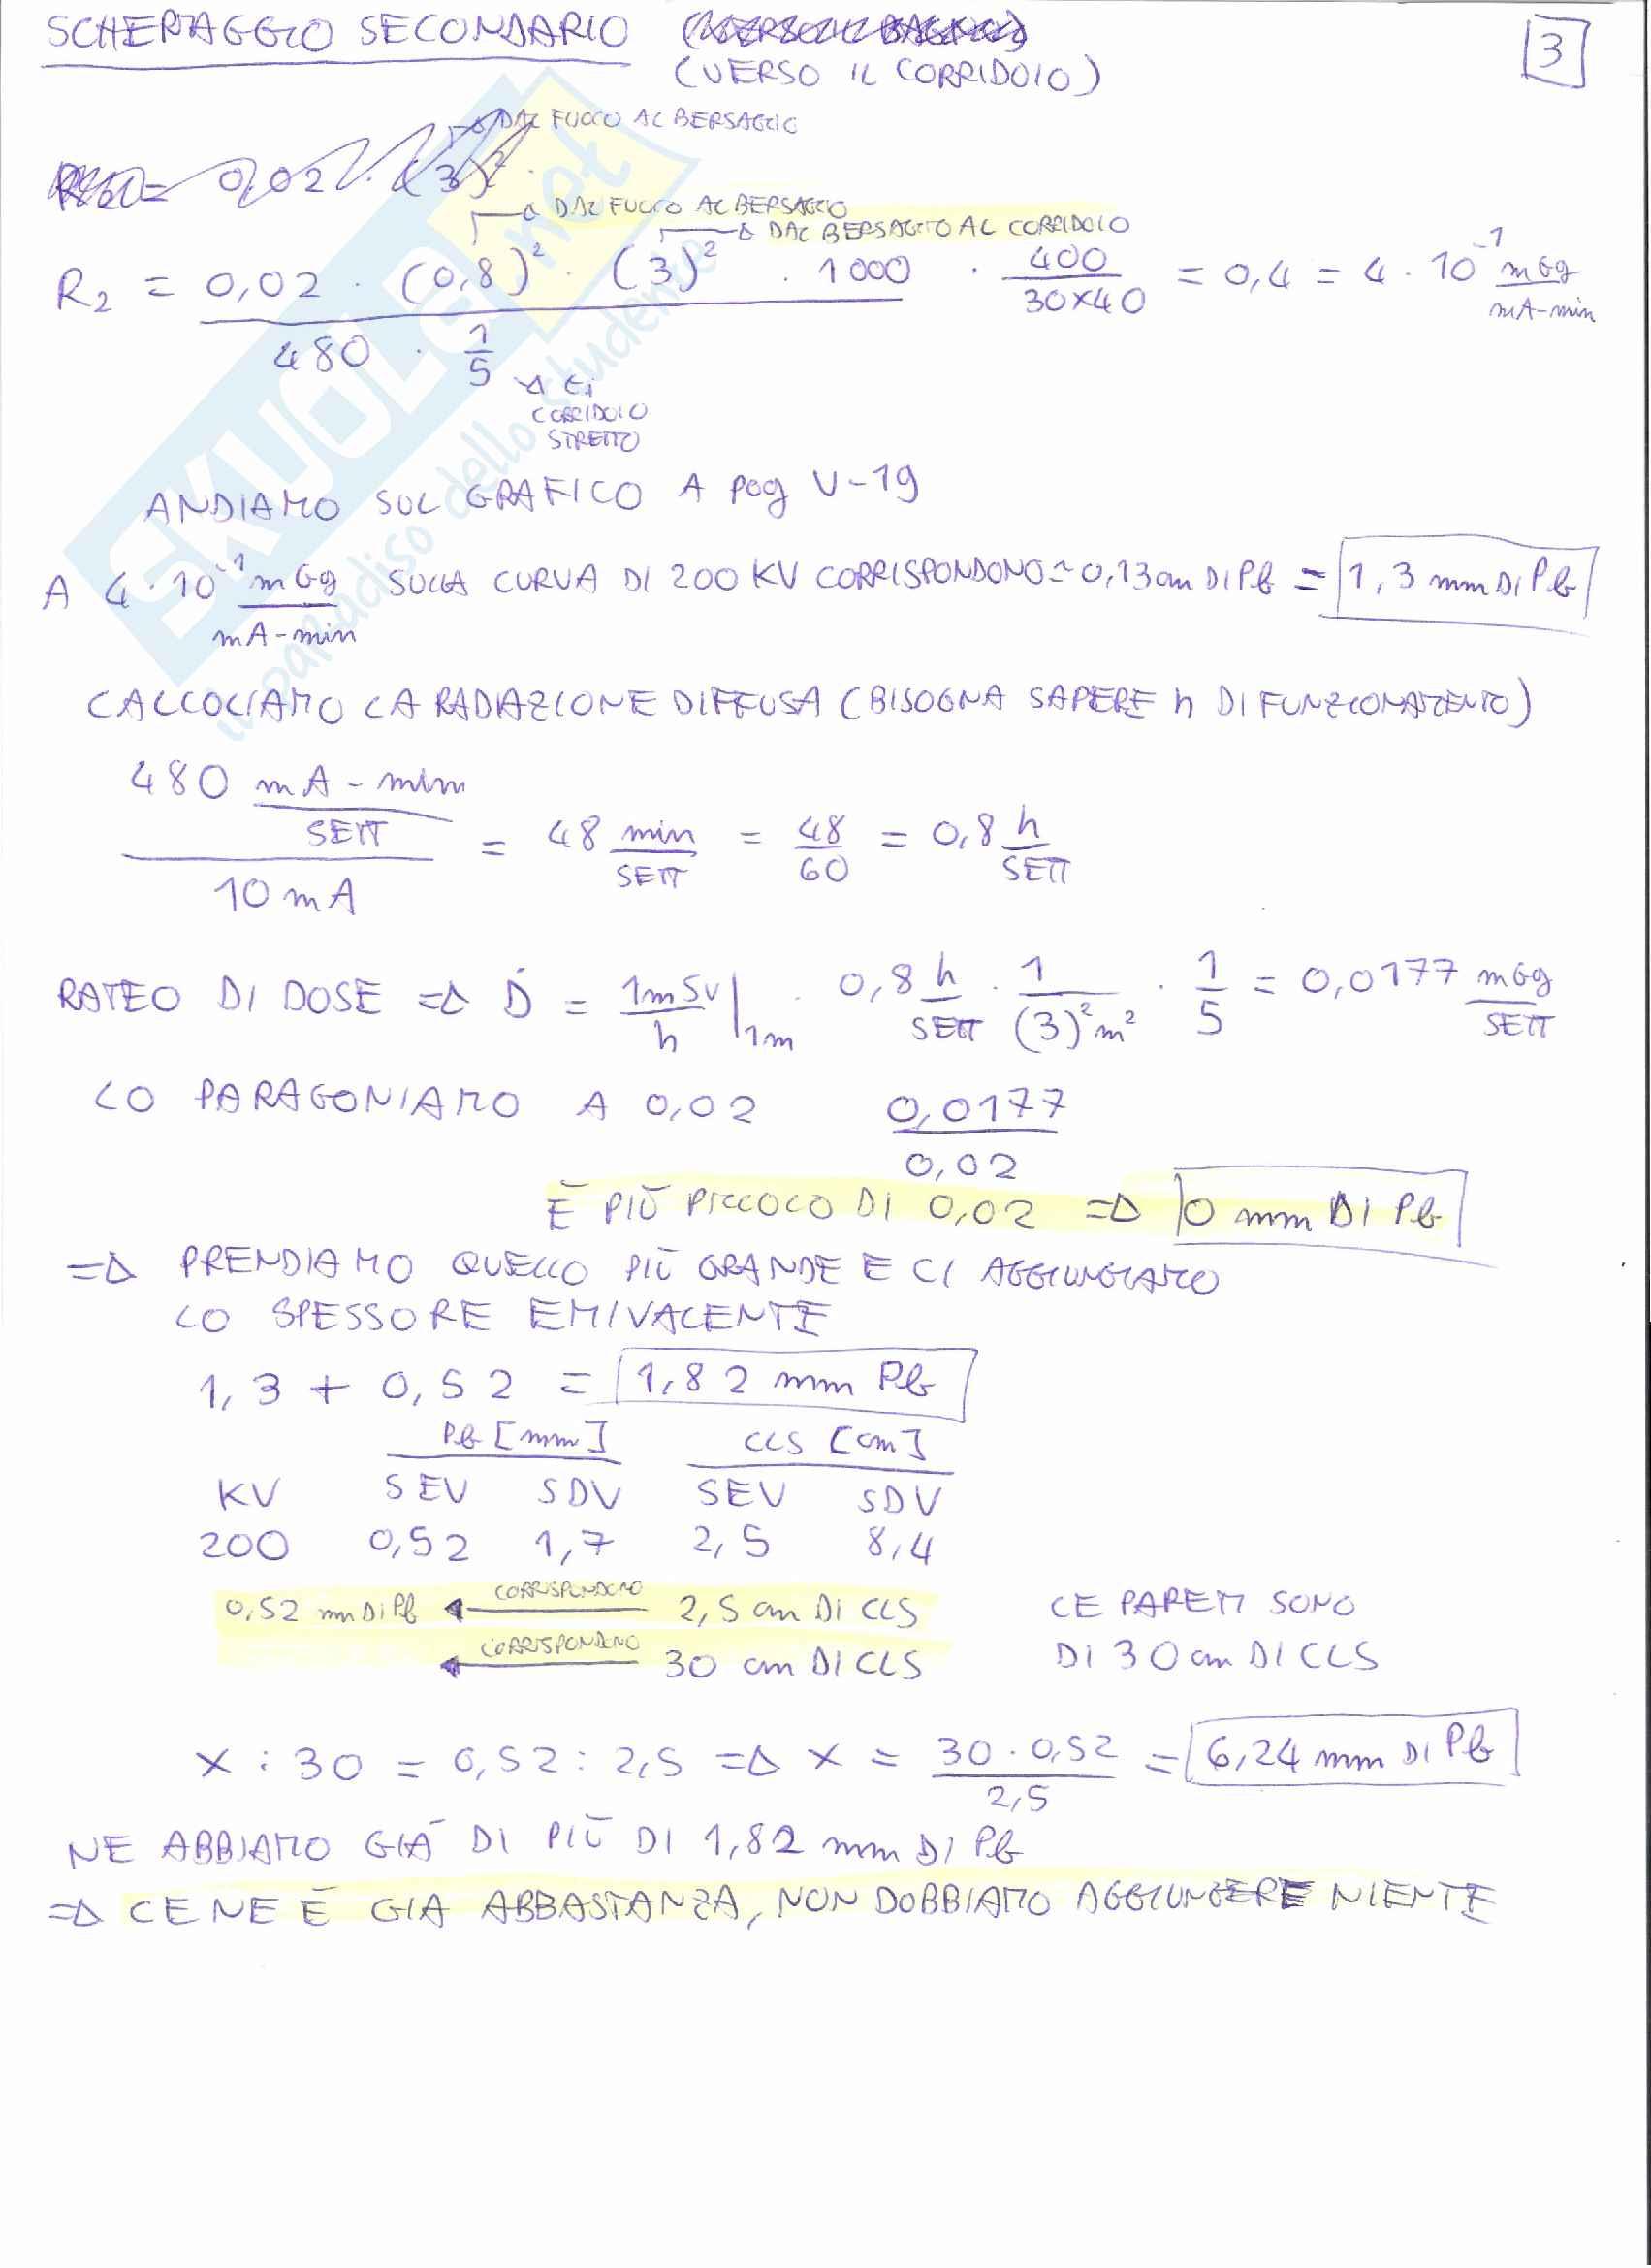 Appunti e Simulazioni d'esame di Radioprotezione T Pag. 61